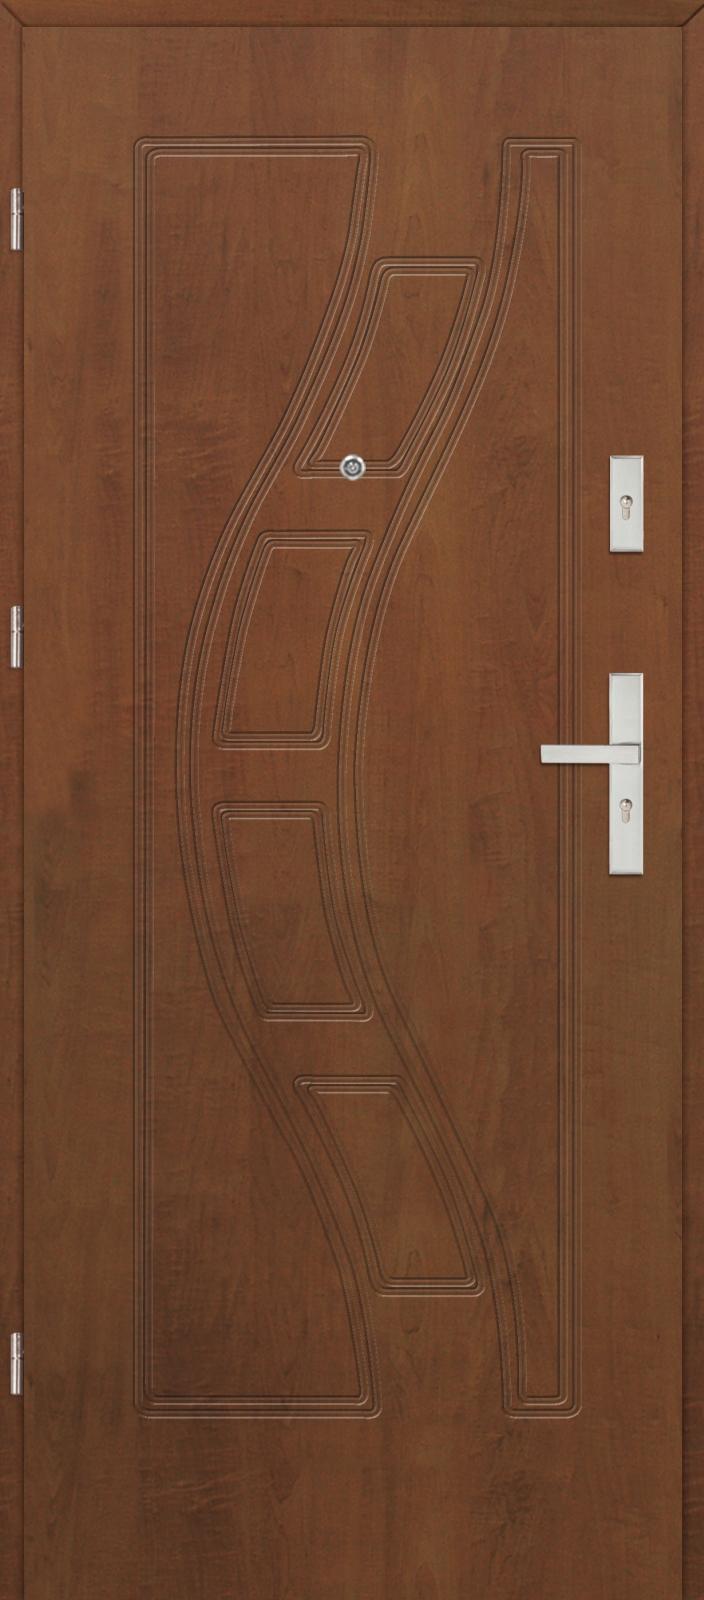 Drzwi wewnętrzne do mieszkań Madera VII